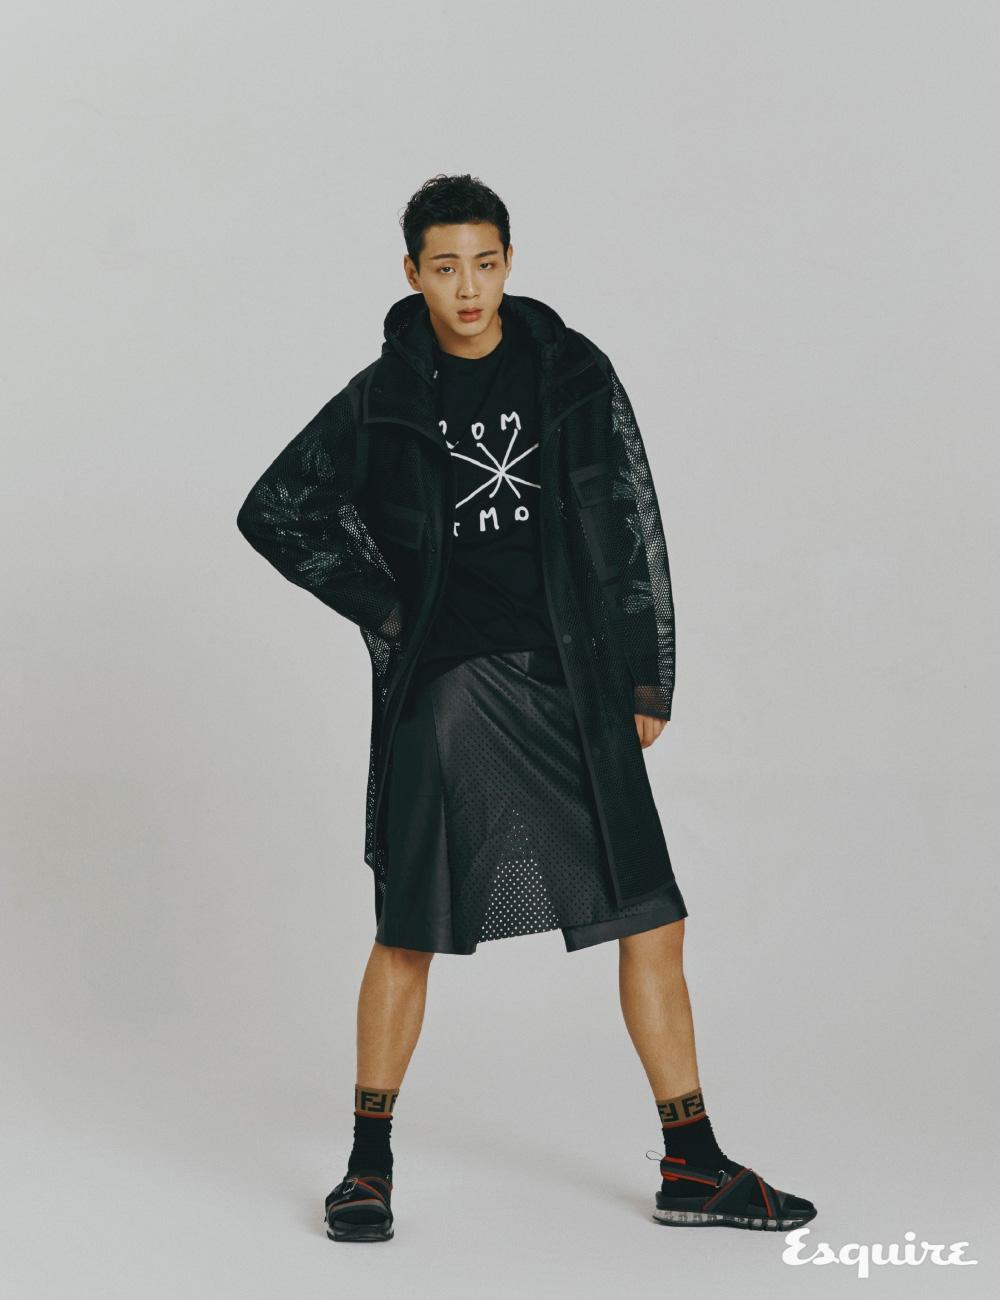 펀칭 레더 코트, ROMA × AMOR 티셔츠, 펀칭 레더 팬츠, FF 로고 위너스 샌들, FF 로고 양말 모두 펜디.